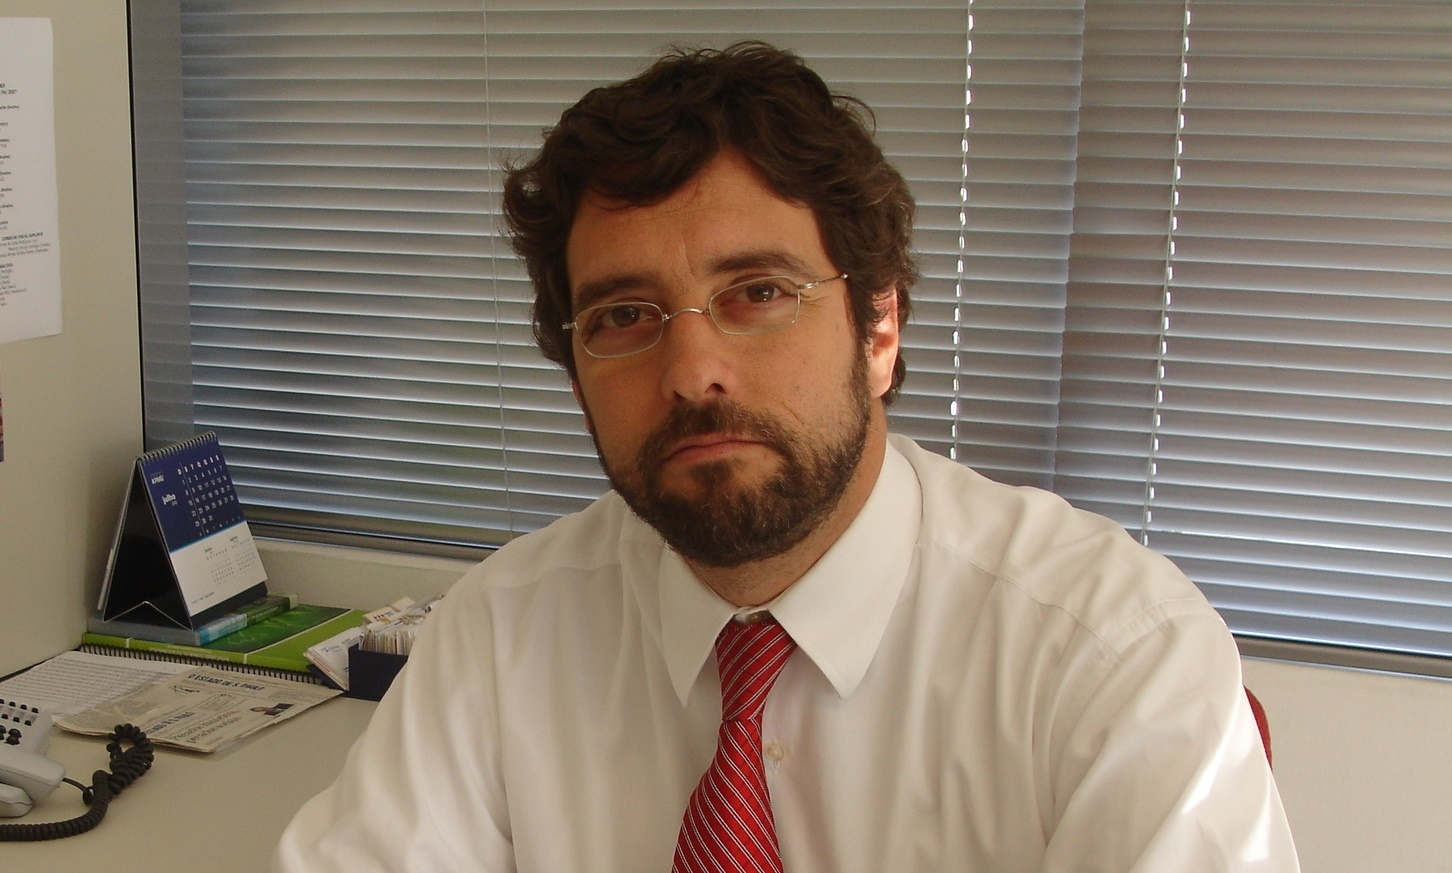 A reformulação do sistema sanitário brasileiro é vital, aponta Christian Lohbauer